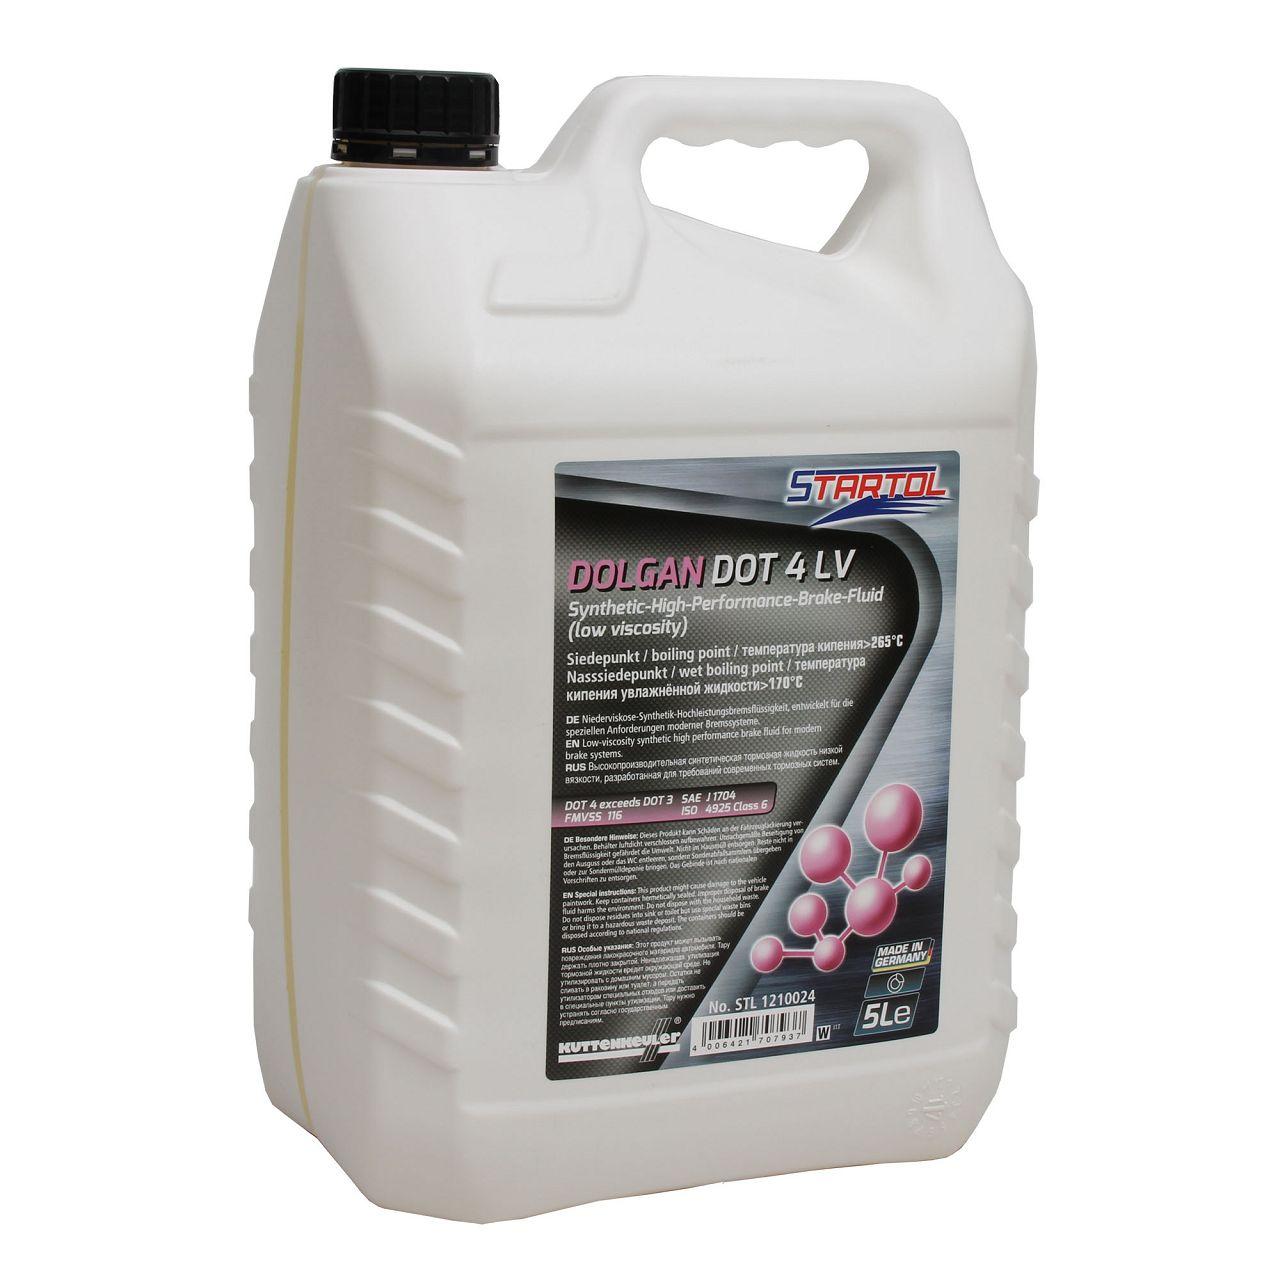 STARTOL Dolgan DOT 4 LV Hochleistungs-Bremsflüssigkeit synthetisch - 5L 5 Liter